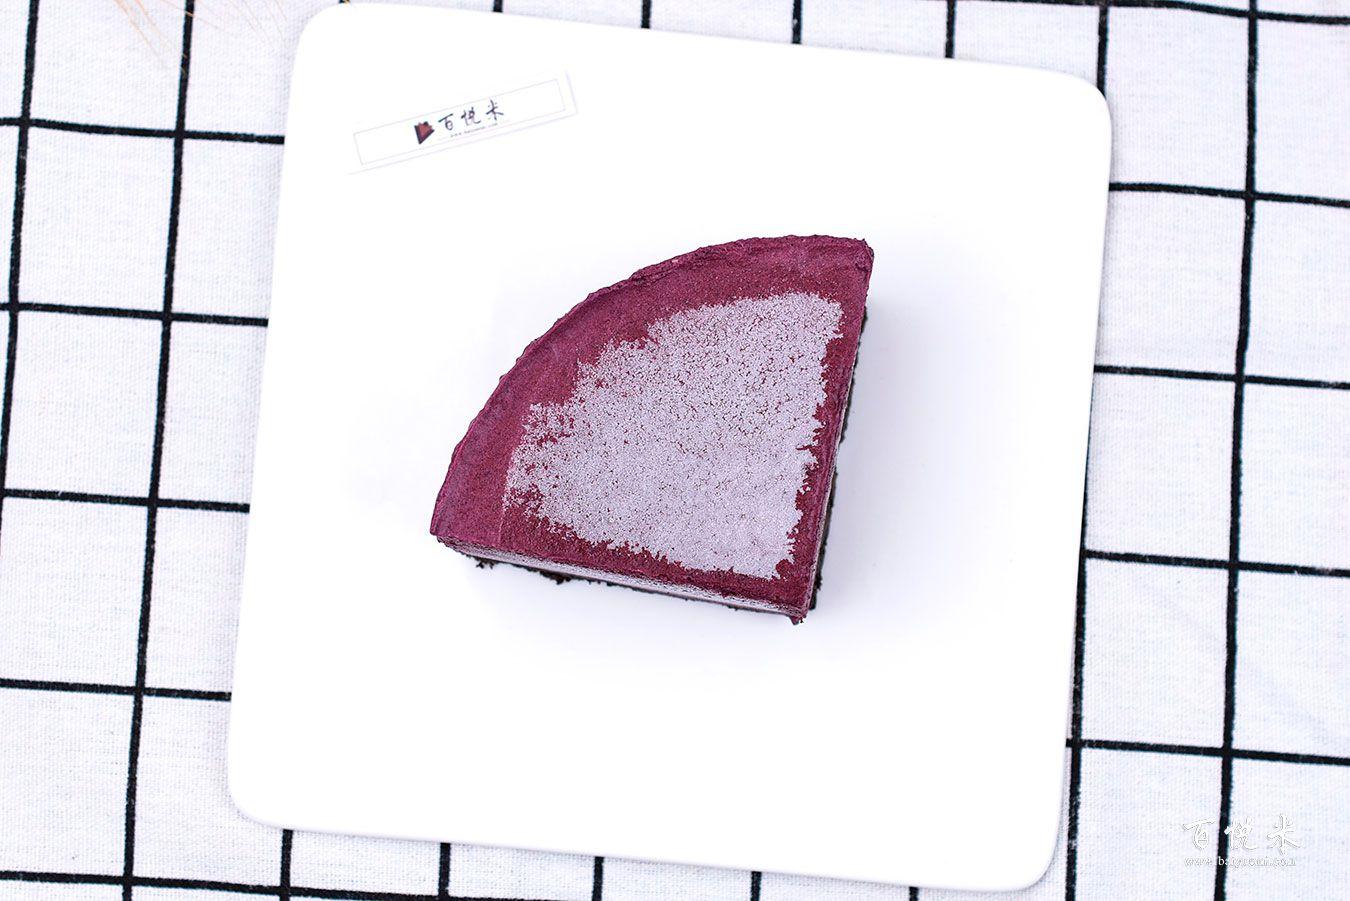 蓝莓慕斯蛋糕高清图片大全【蛋糕图片】_830